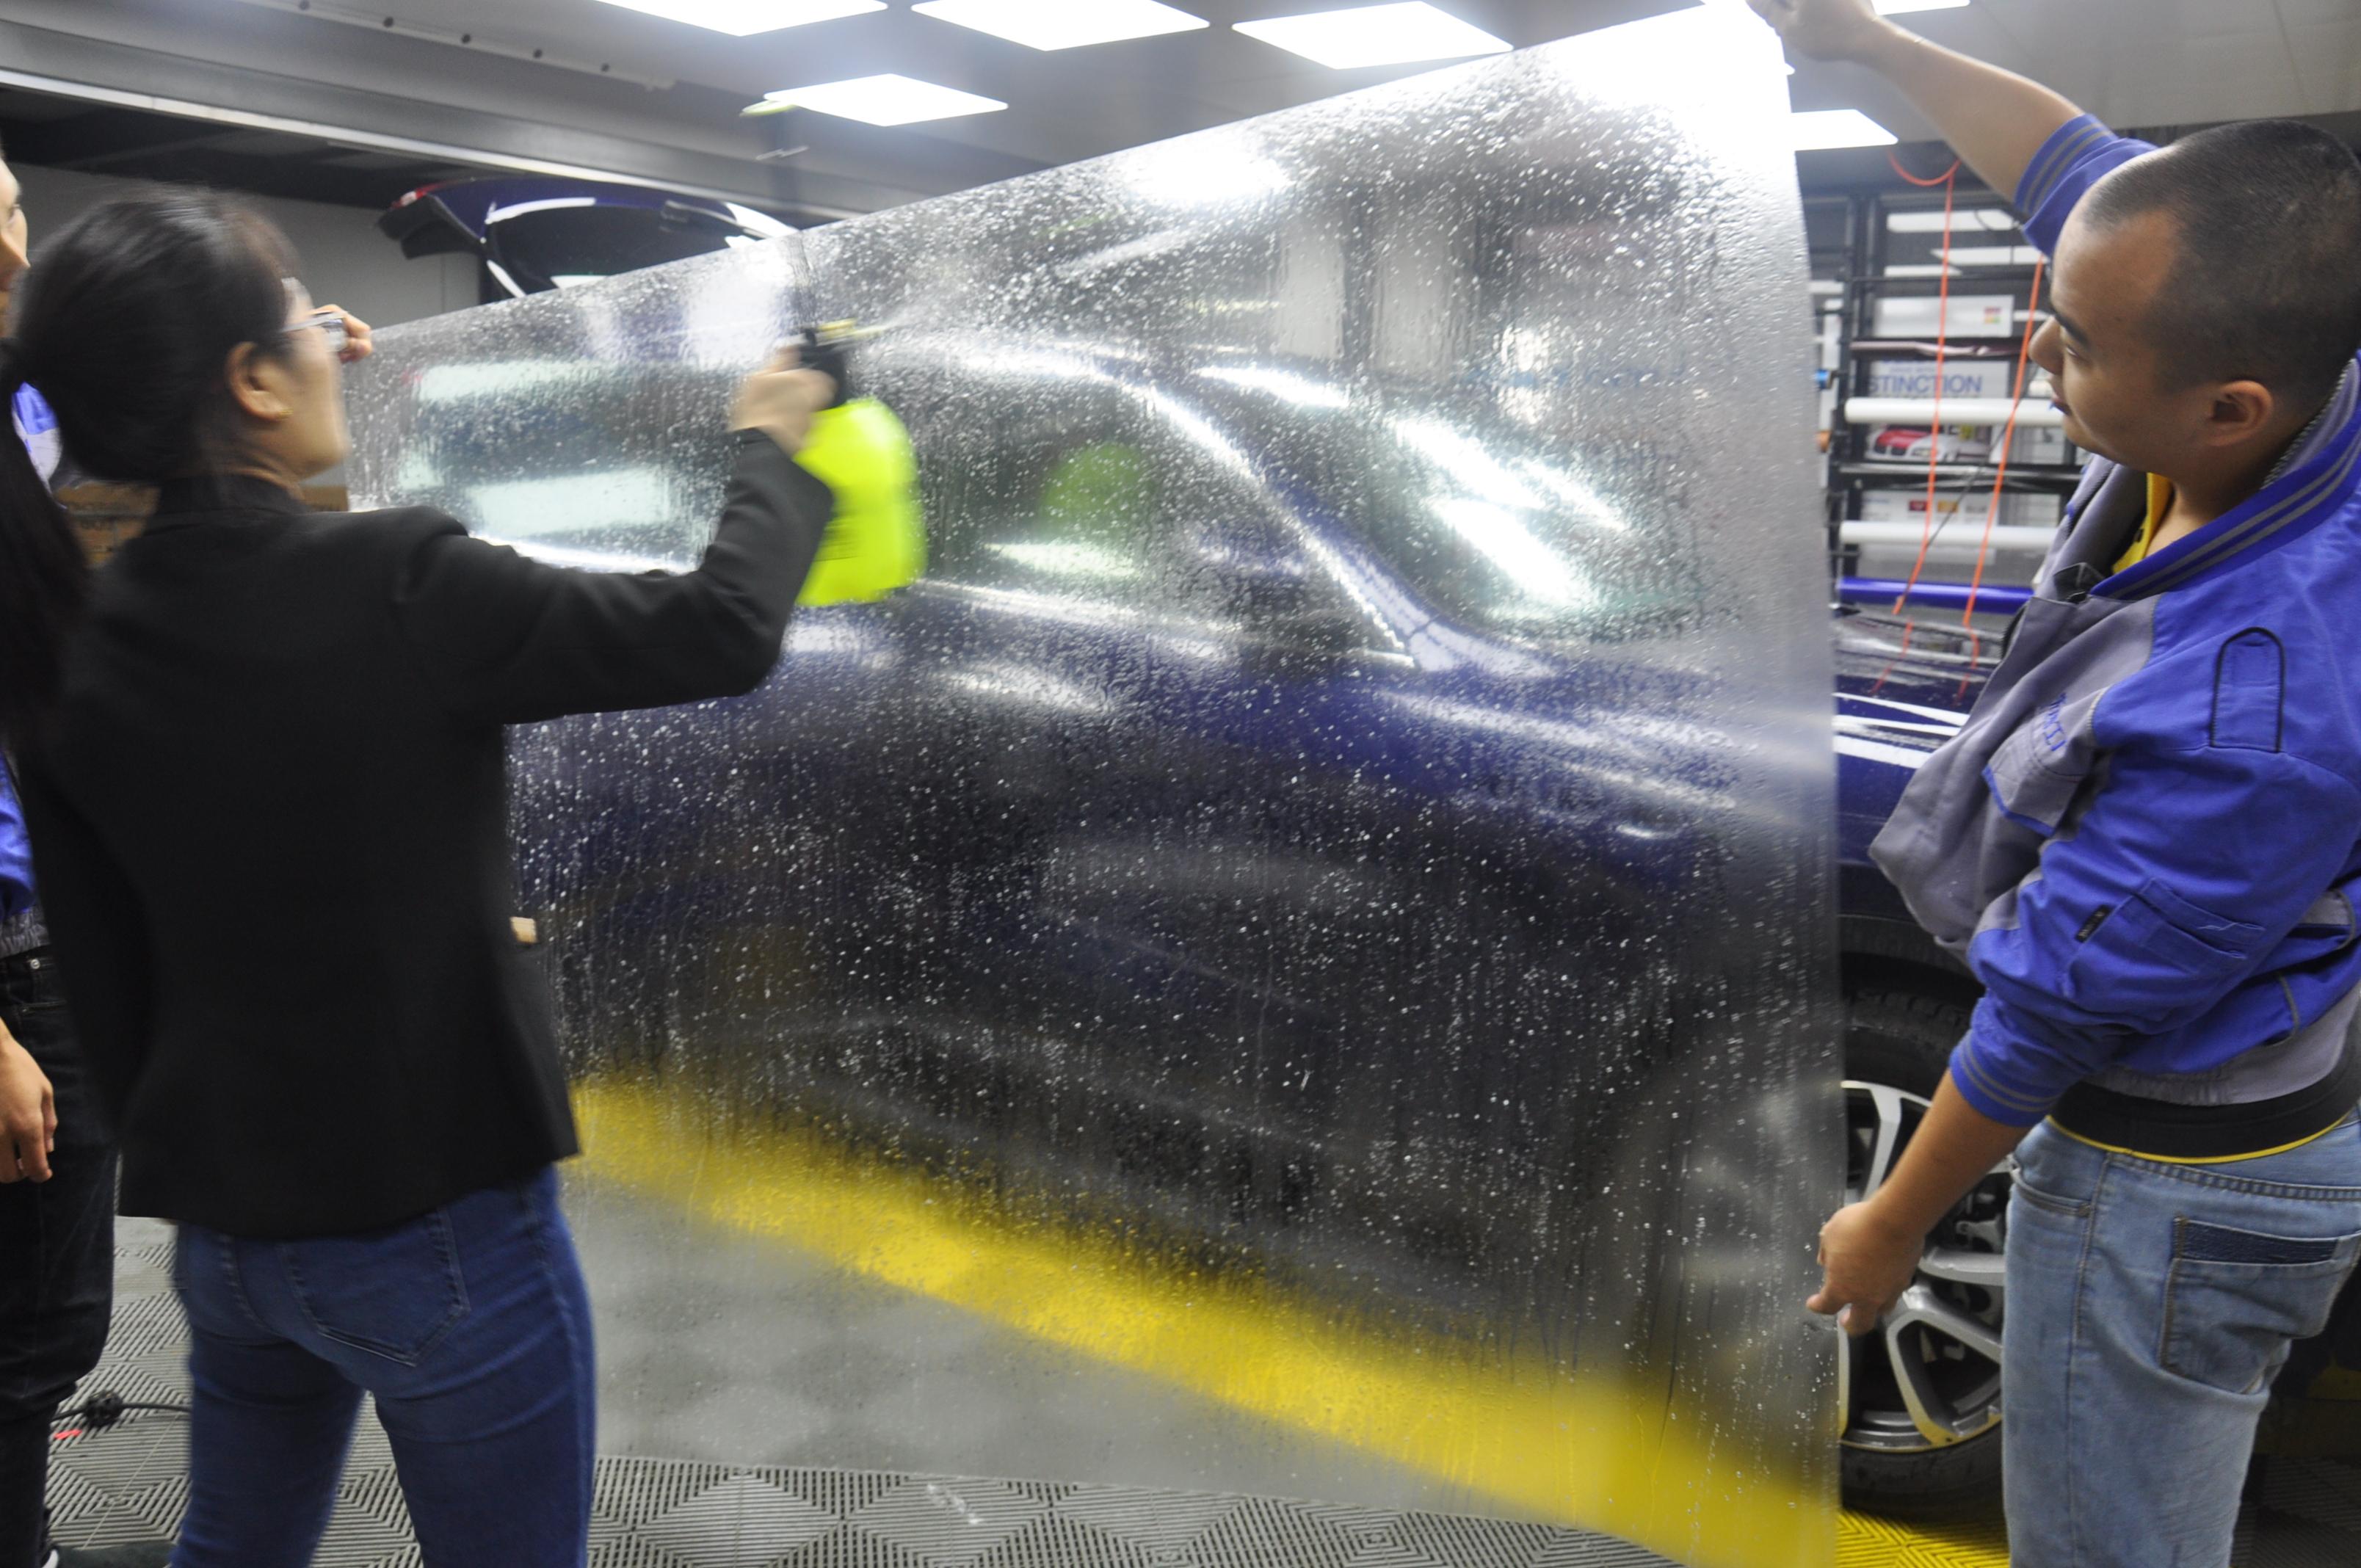 玛莎拉蒂莱万特贴XPEL隐形车漆保护膜